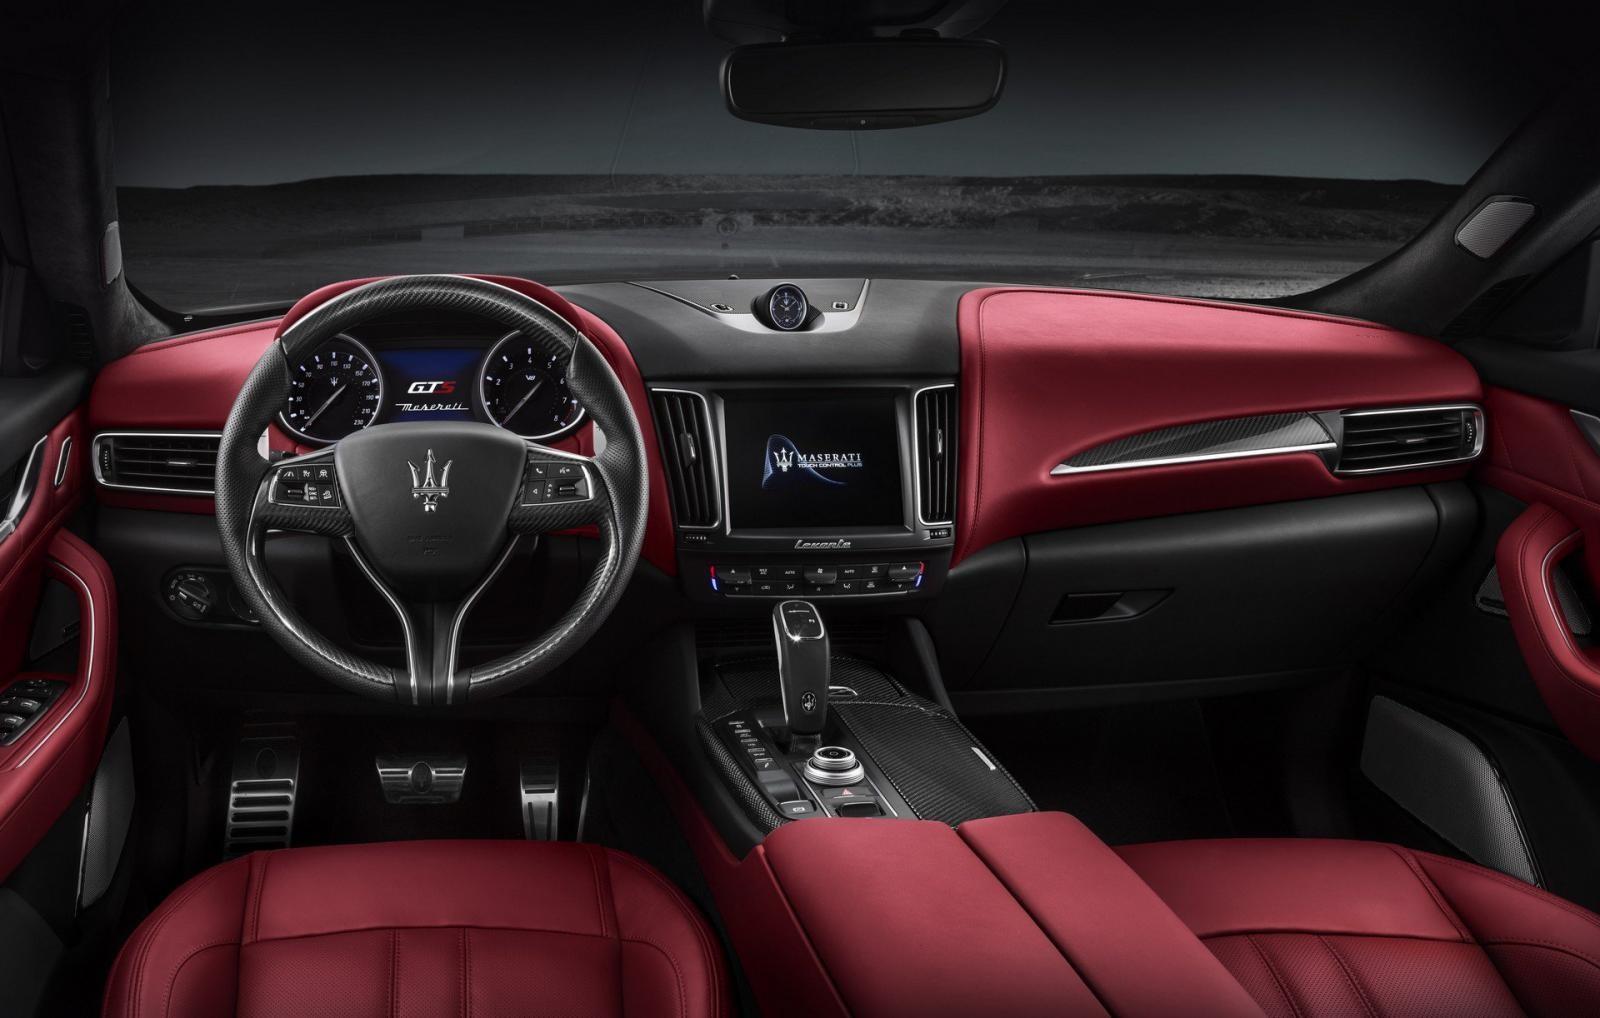 Maserati Levante GTS được trang bị vô lăng thể thao, hệ thống thông tin giải trí hiện đại và hệ thống âm thanh Harman Kardon